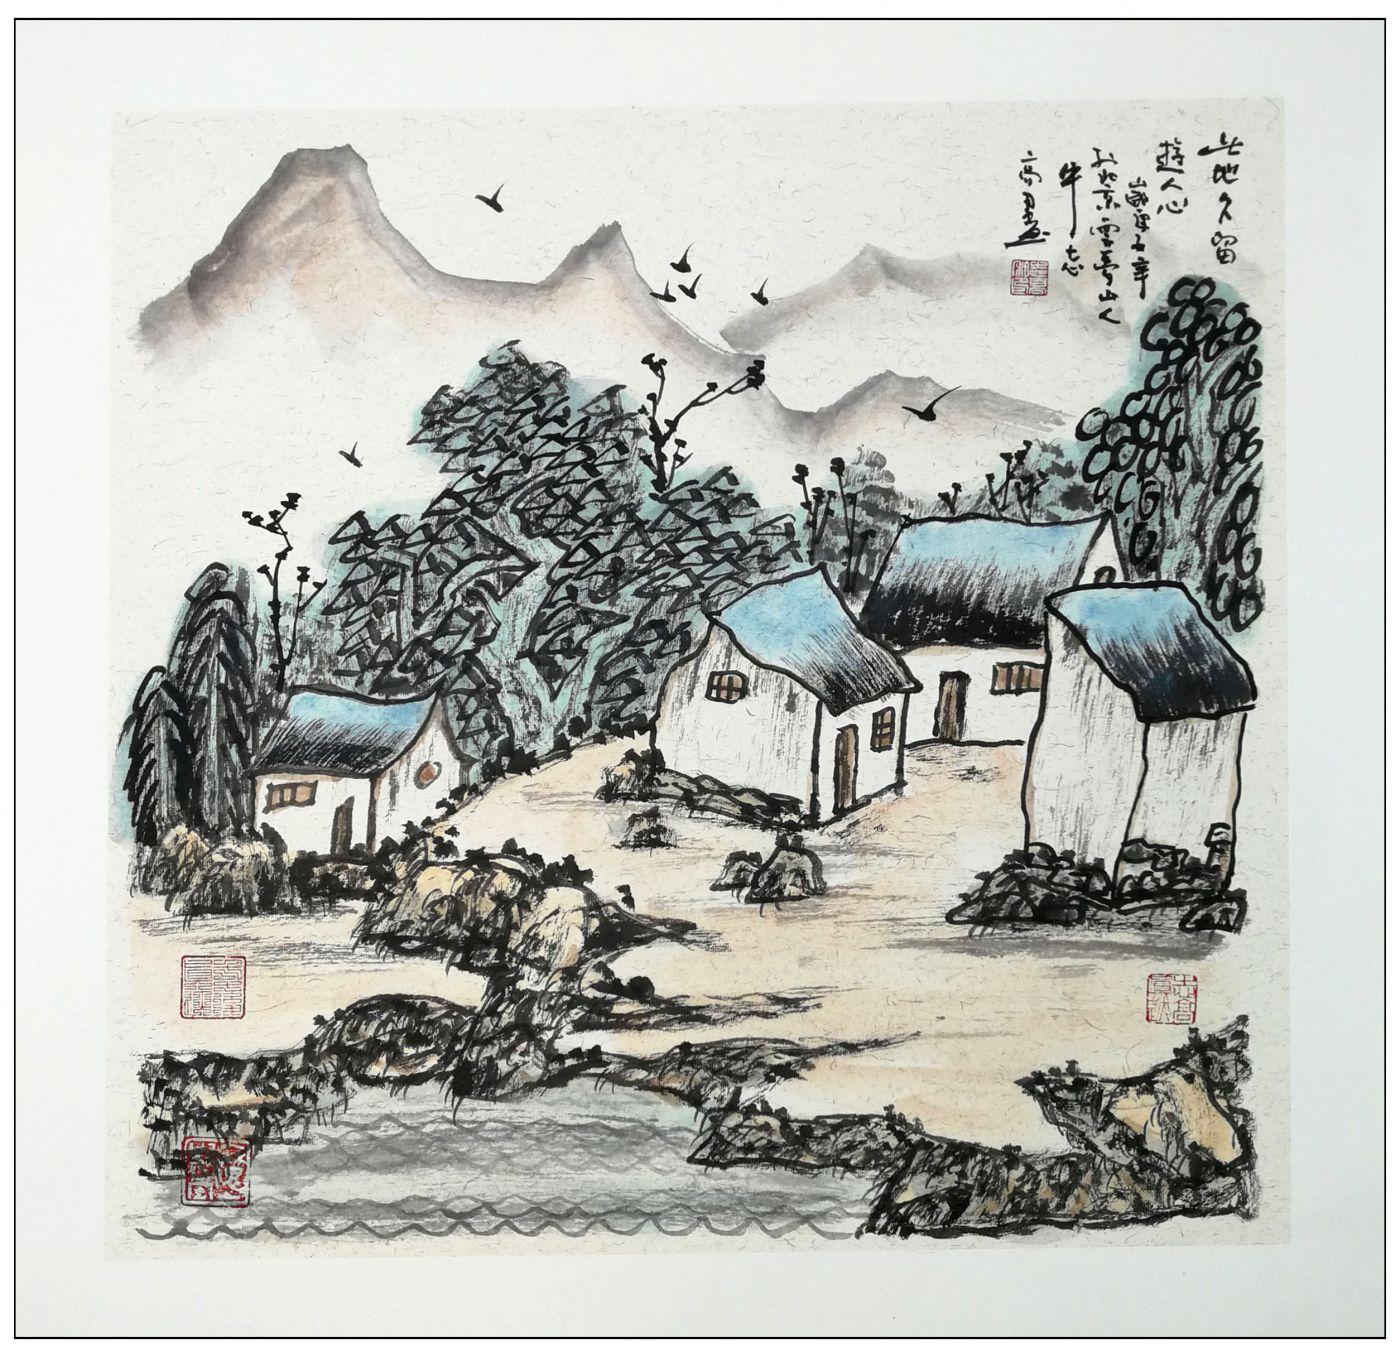 牛志高2020山水画新作-----2020.07.05_图1-2